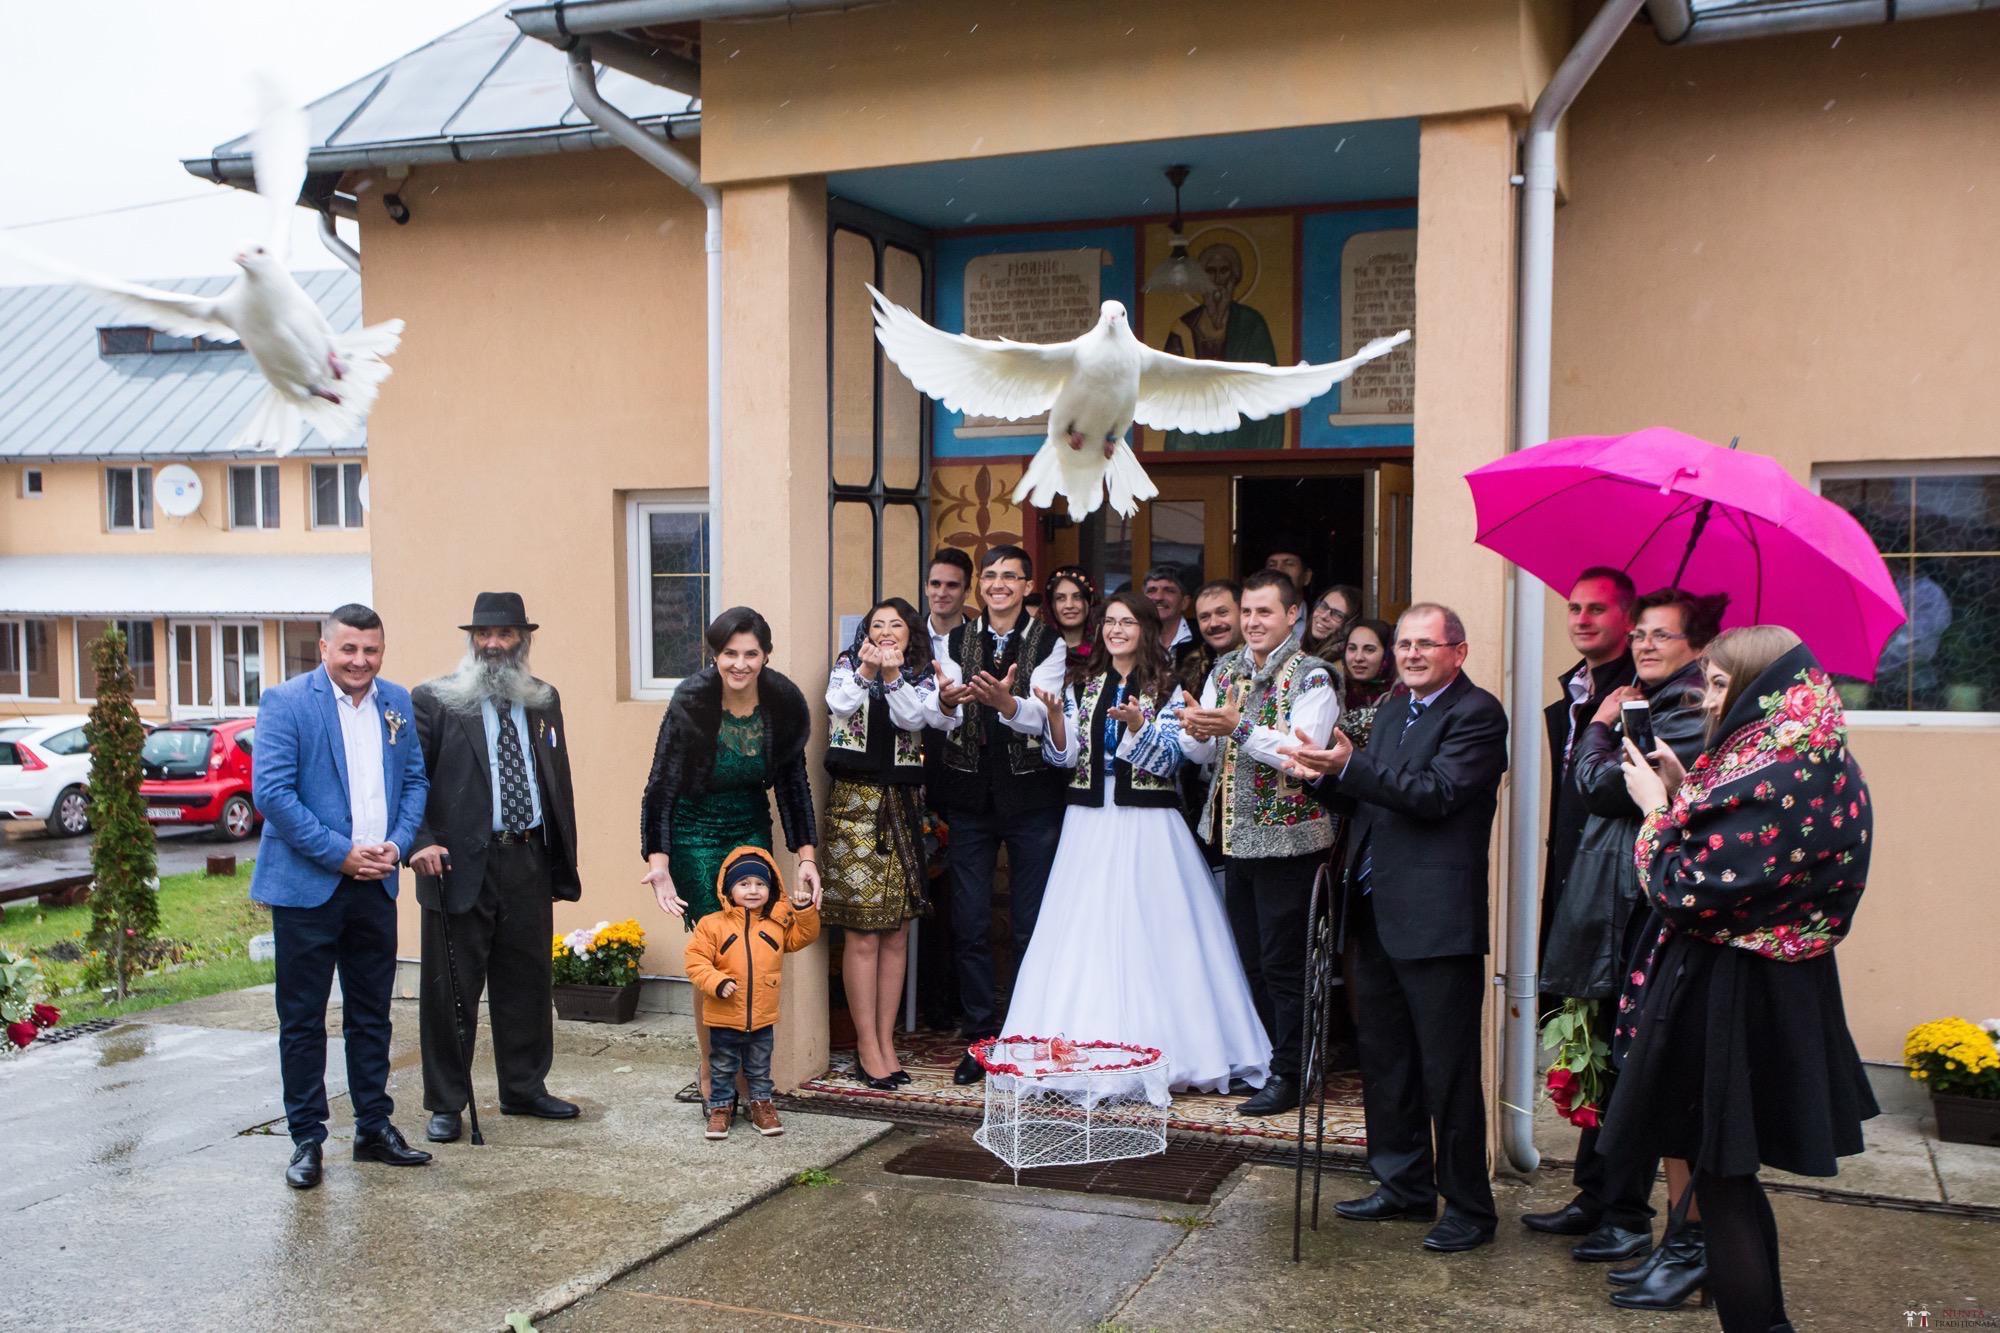 Povești Nunți Tradiționale - Ioana-Alexandra și Bogdan-Vasile. Nuntă tradițională în Fălticeni 16